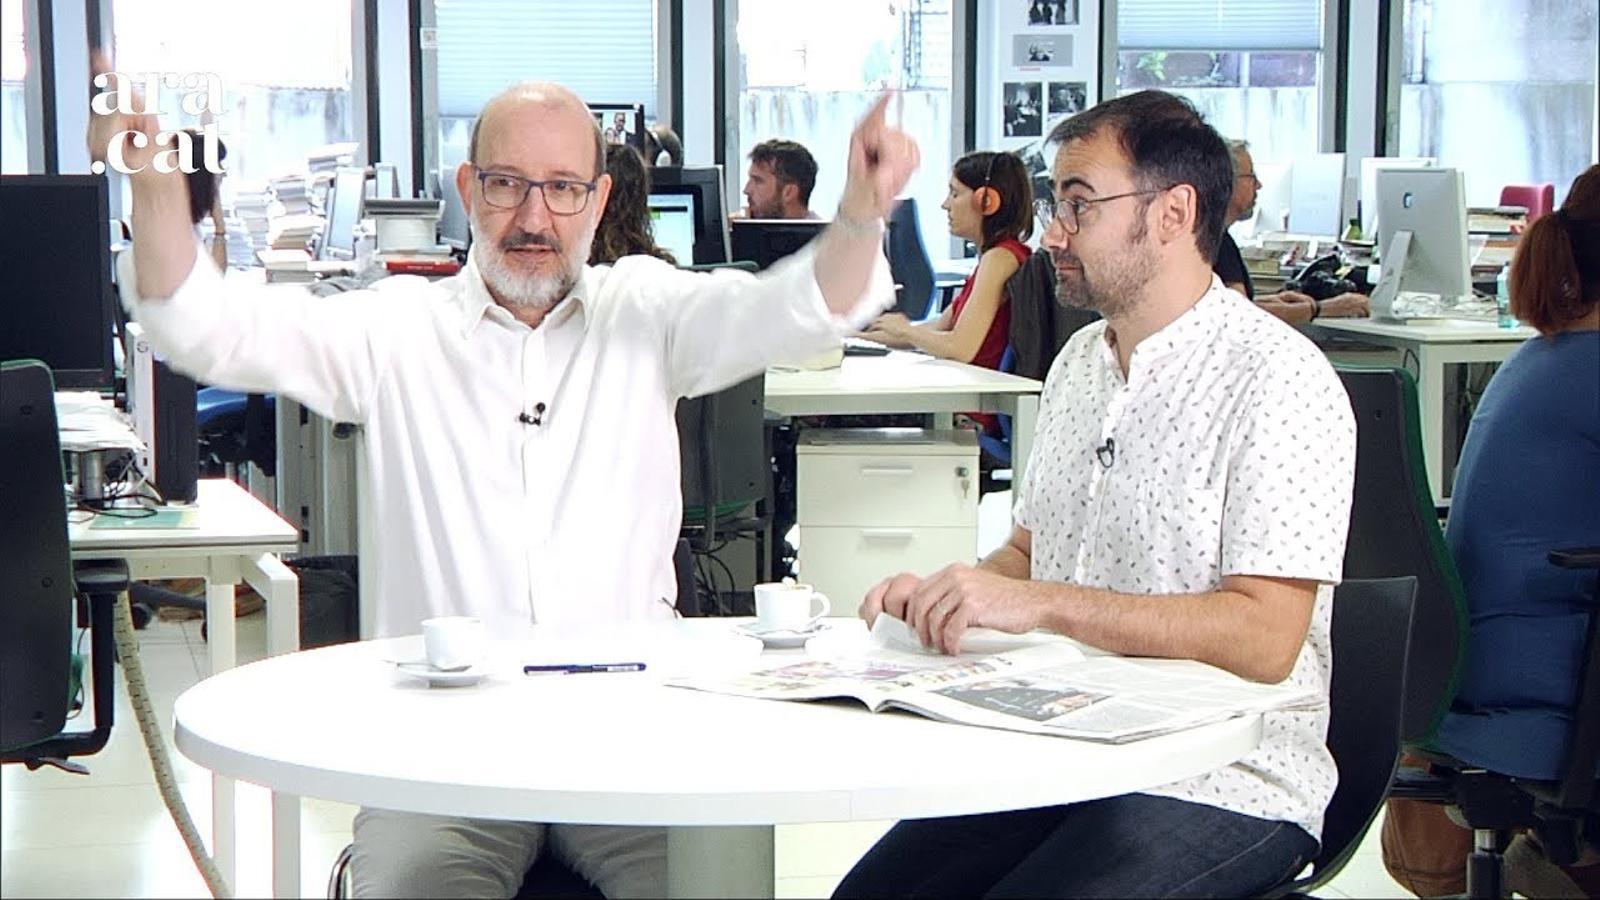 El cafè de la Lliga: Padilla i Bassas revisen les seves opinions al VAR